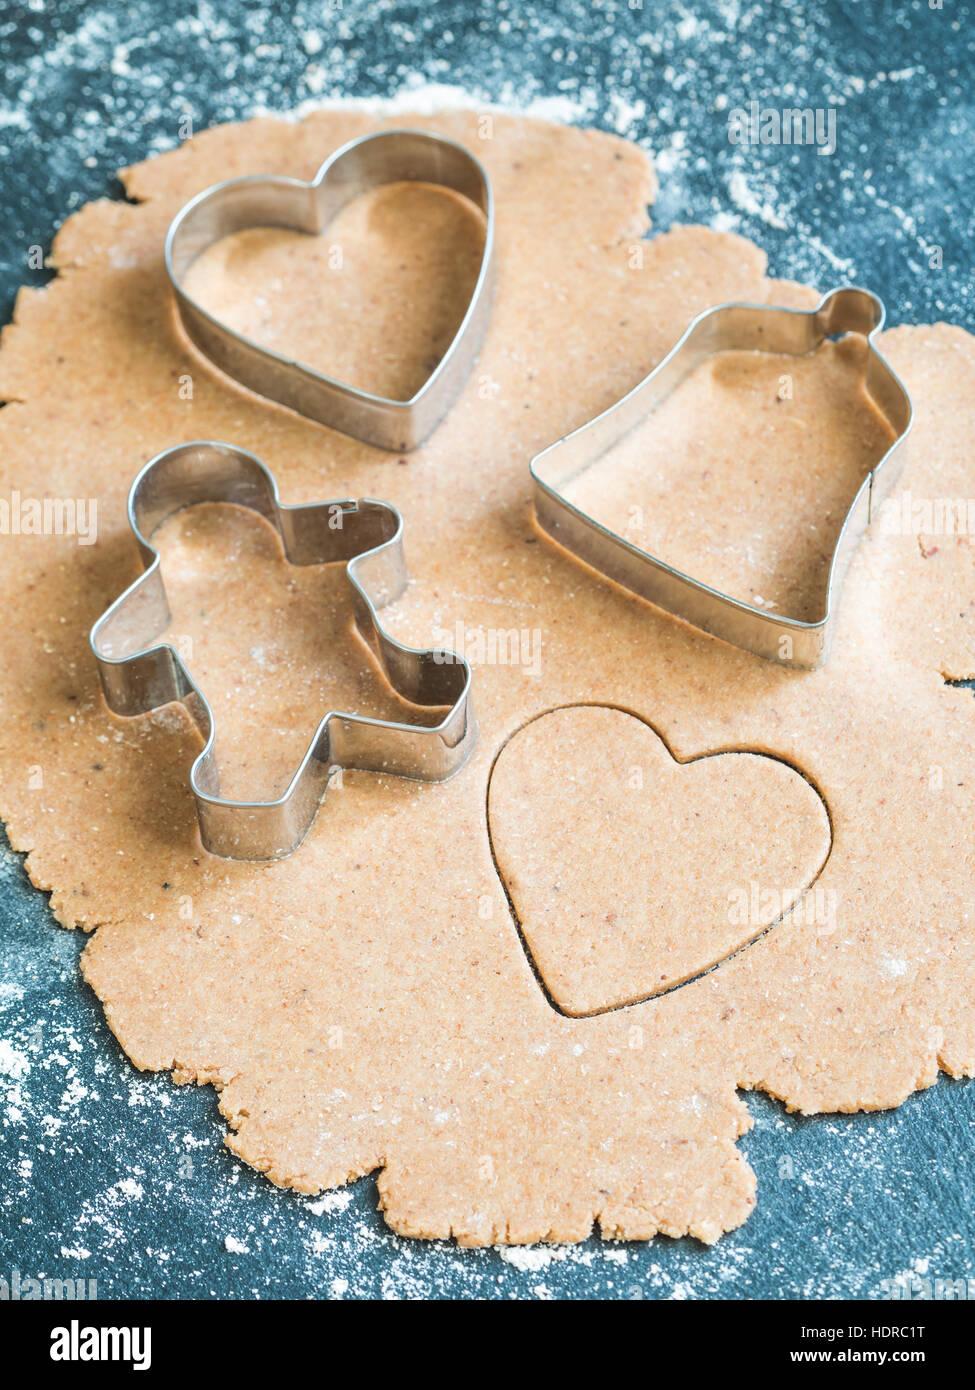 Vorbereitung der Lebkuchen Weihnachtsgebäck. Stockfoto